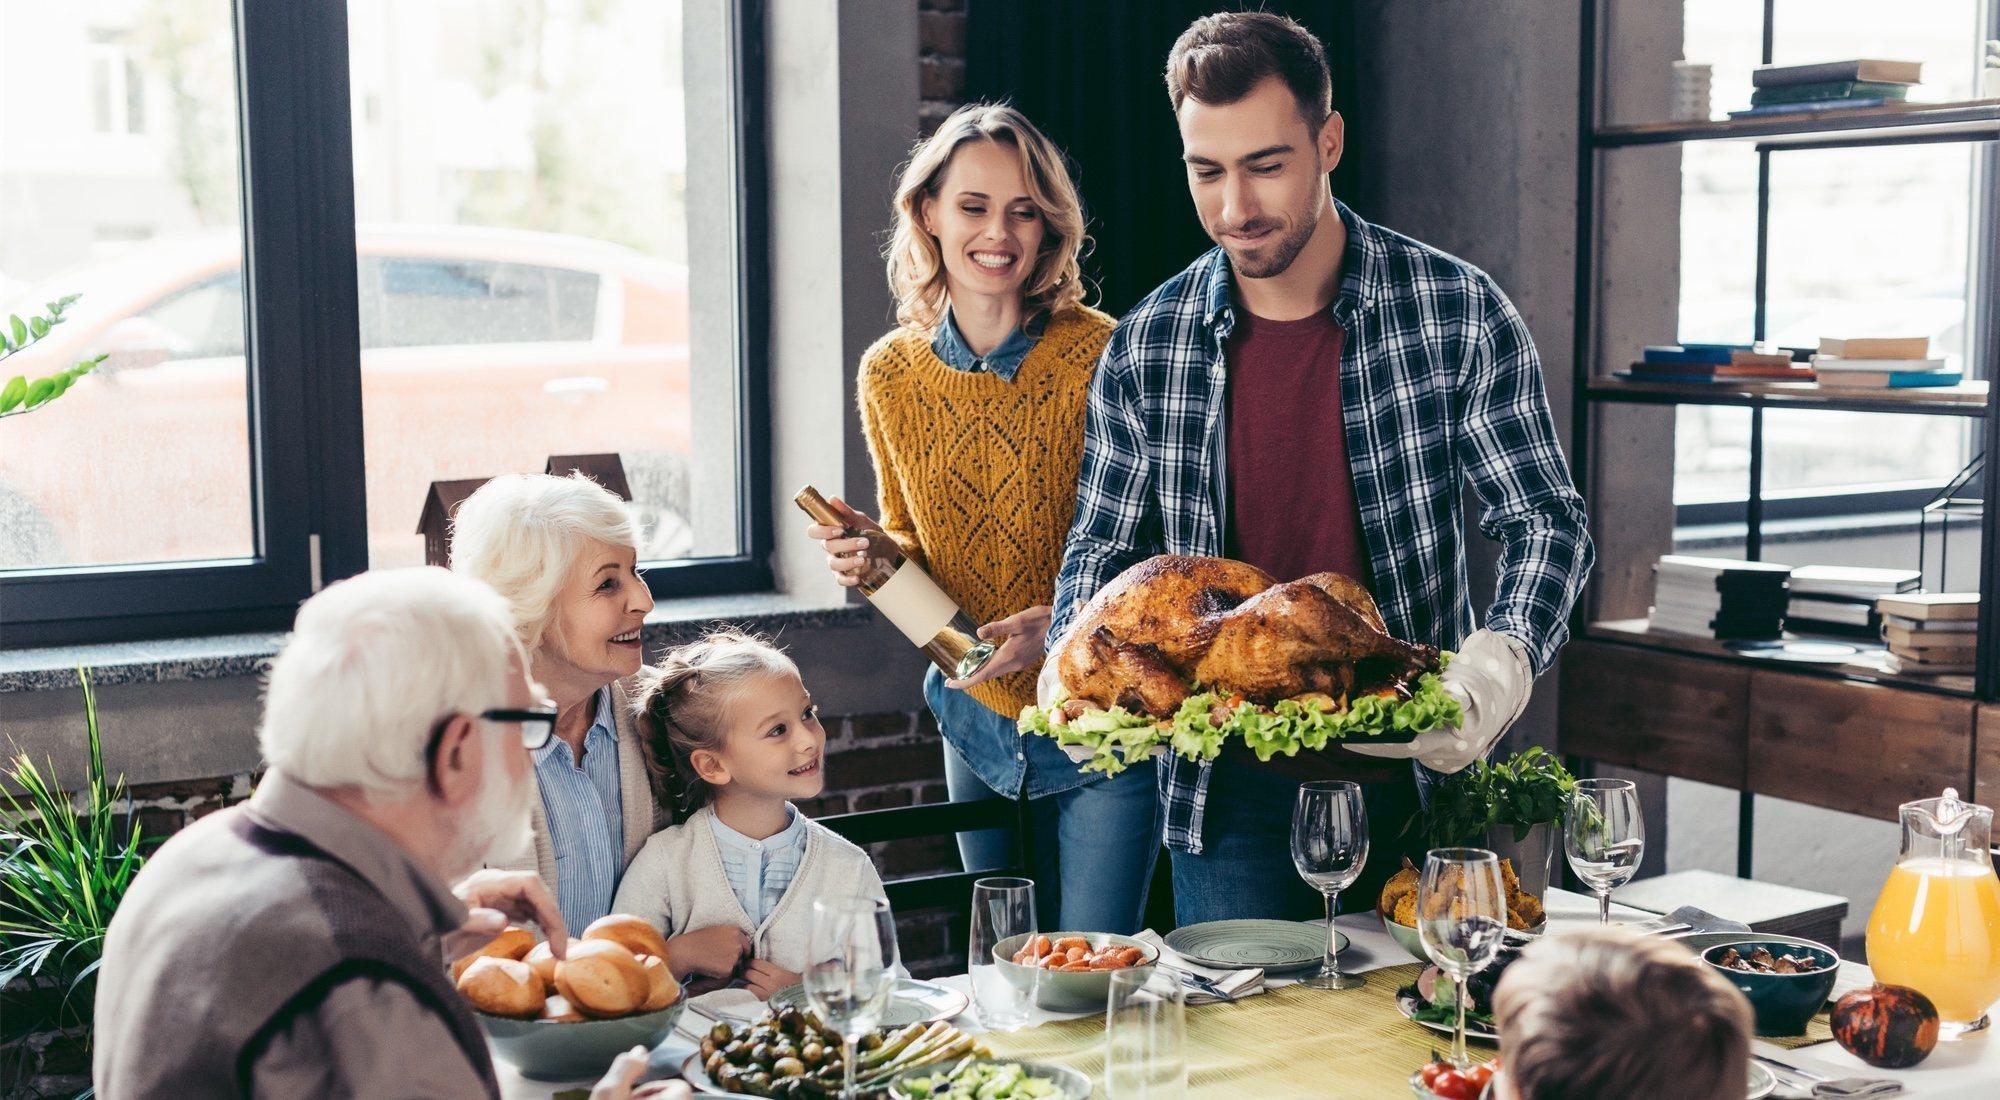 Día de Acción de Gracias: origen y tradiciones antiguas y nuevas